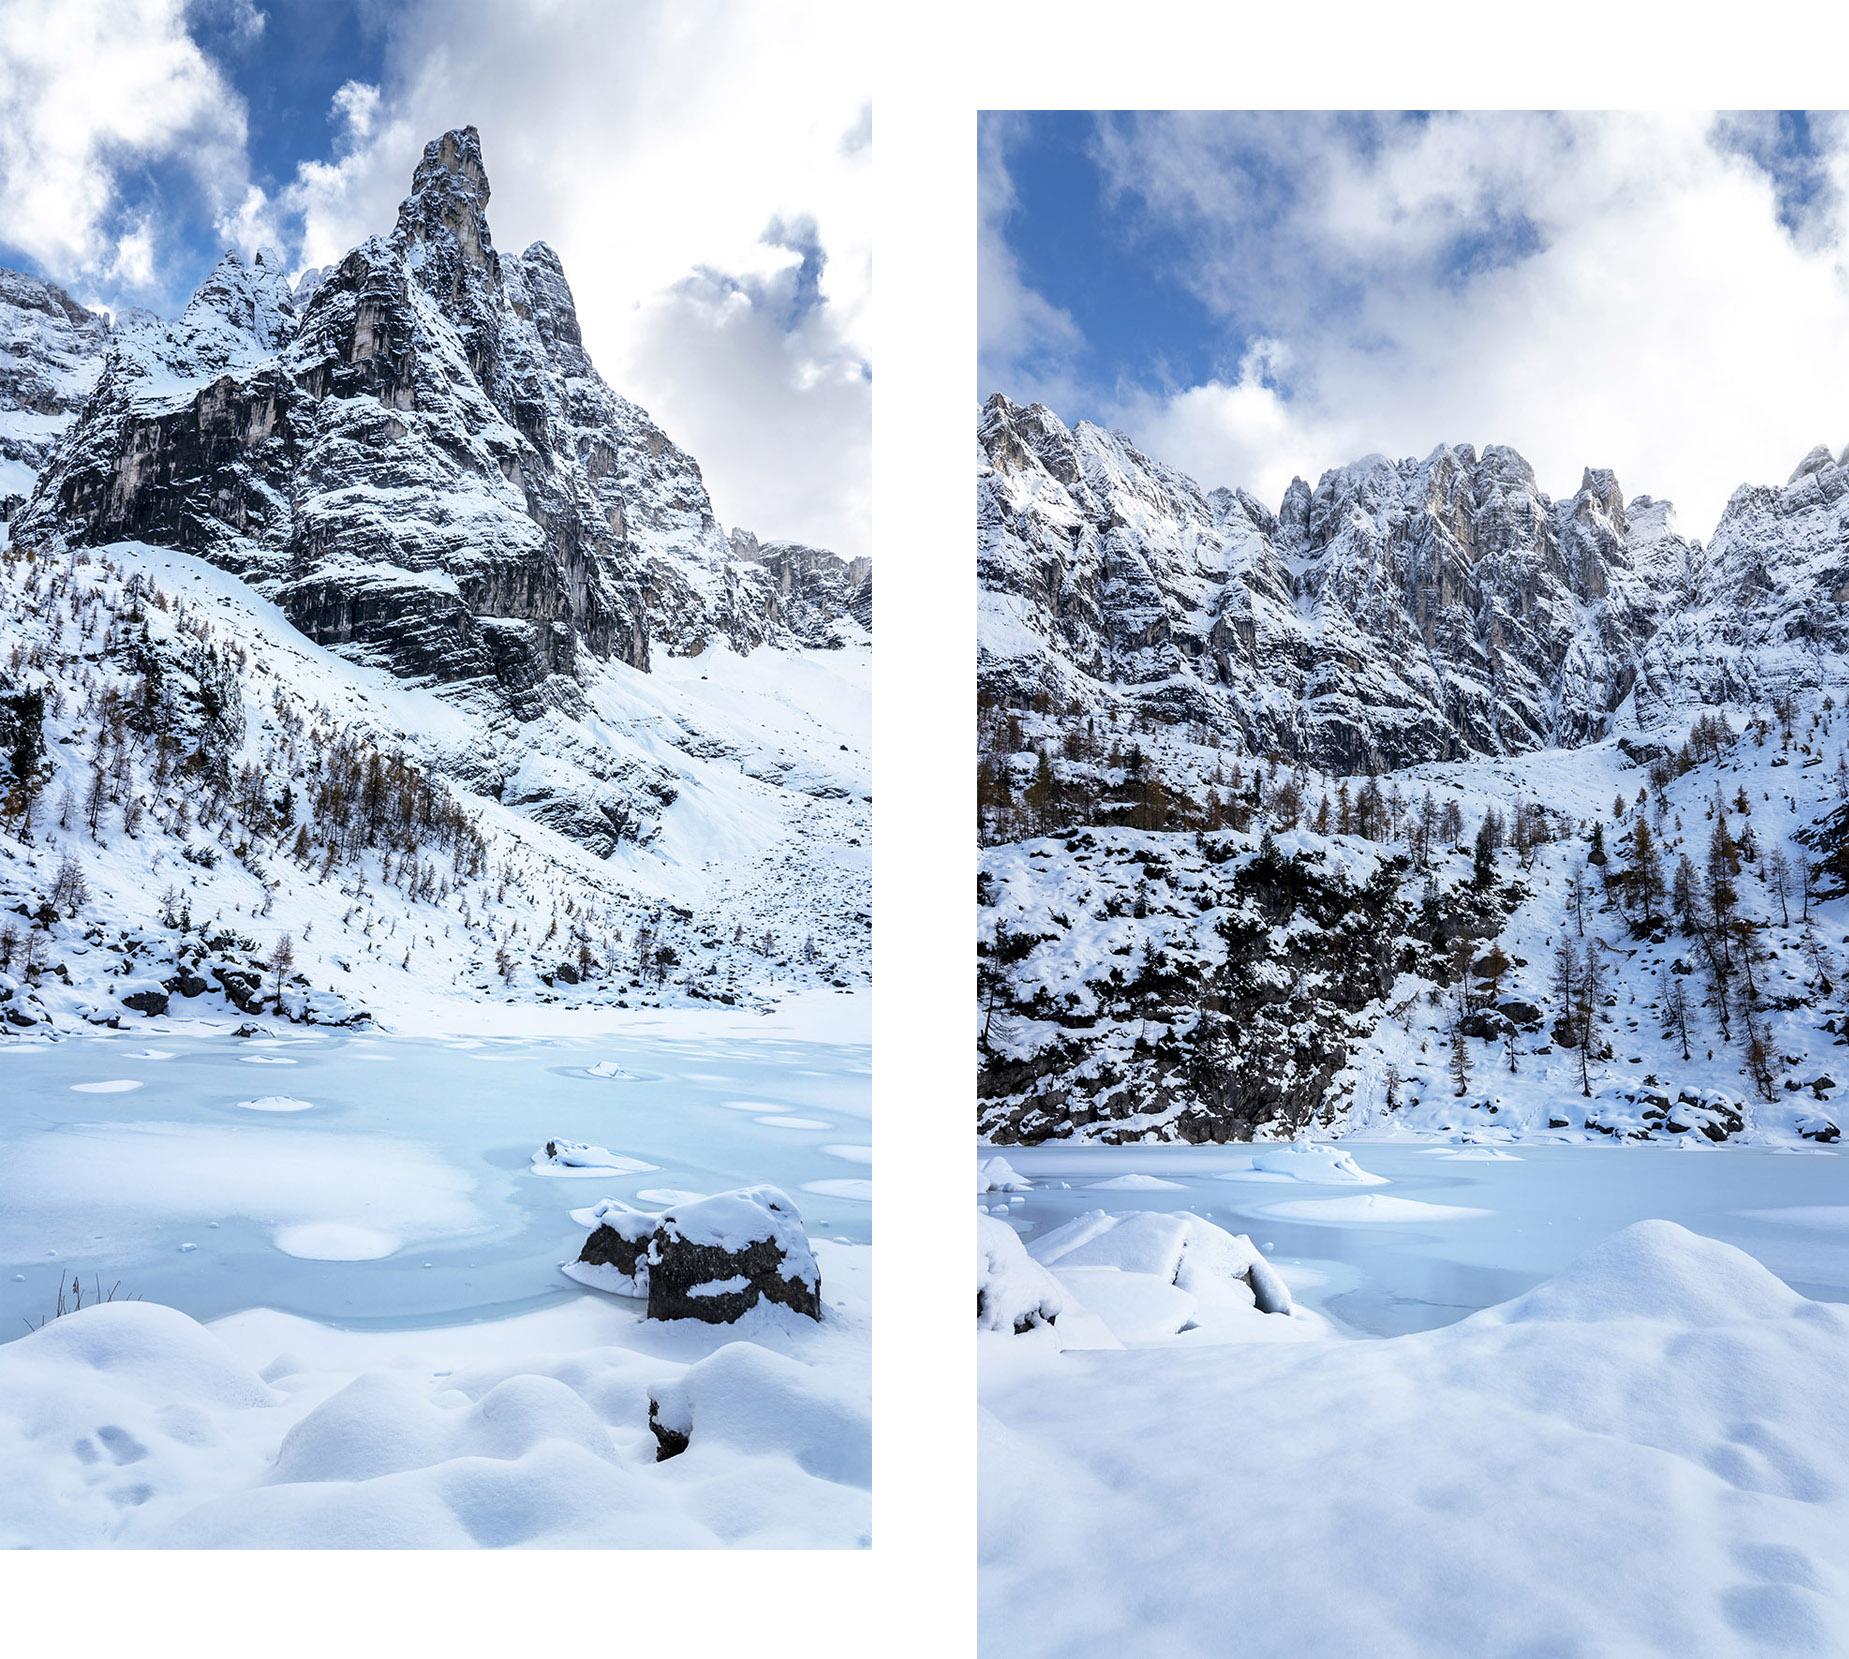 Lago di Sorapis randonnée lac gelé vert montagnes neige